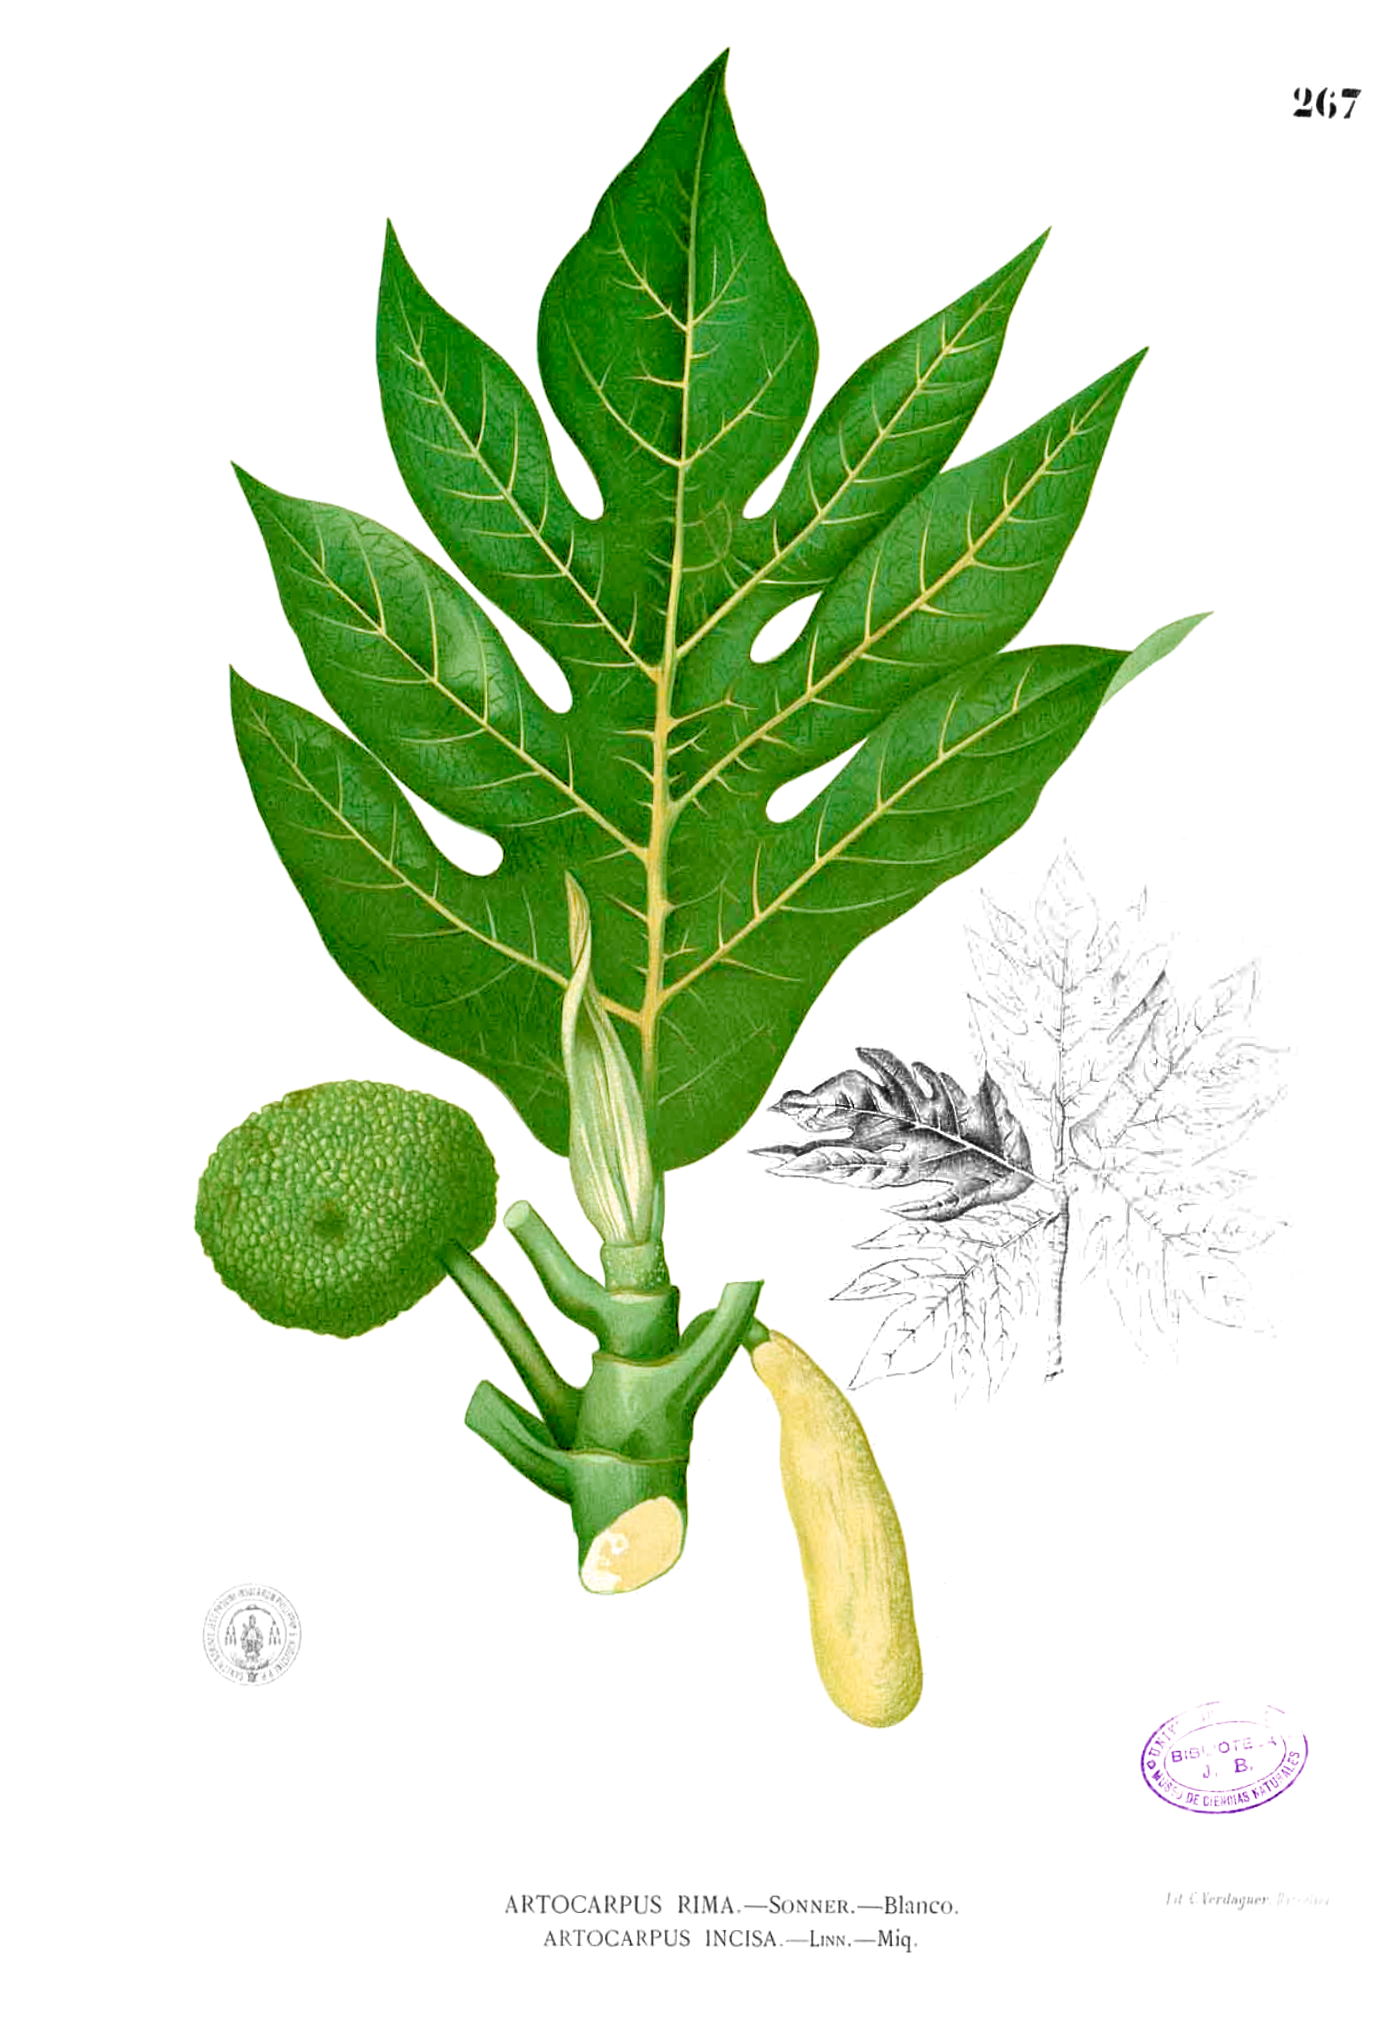 Artocarpus altilis wikipedia la enciclopedia libre for Arboles de hoja perenne sin fruto